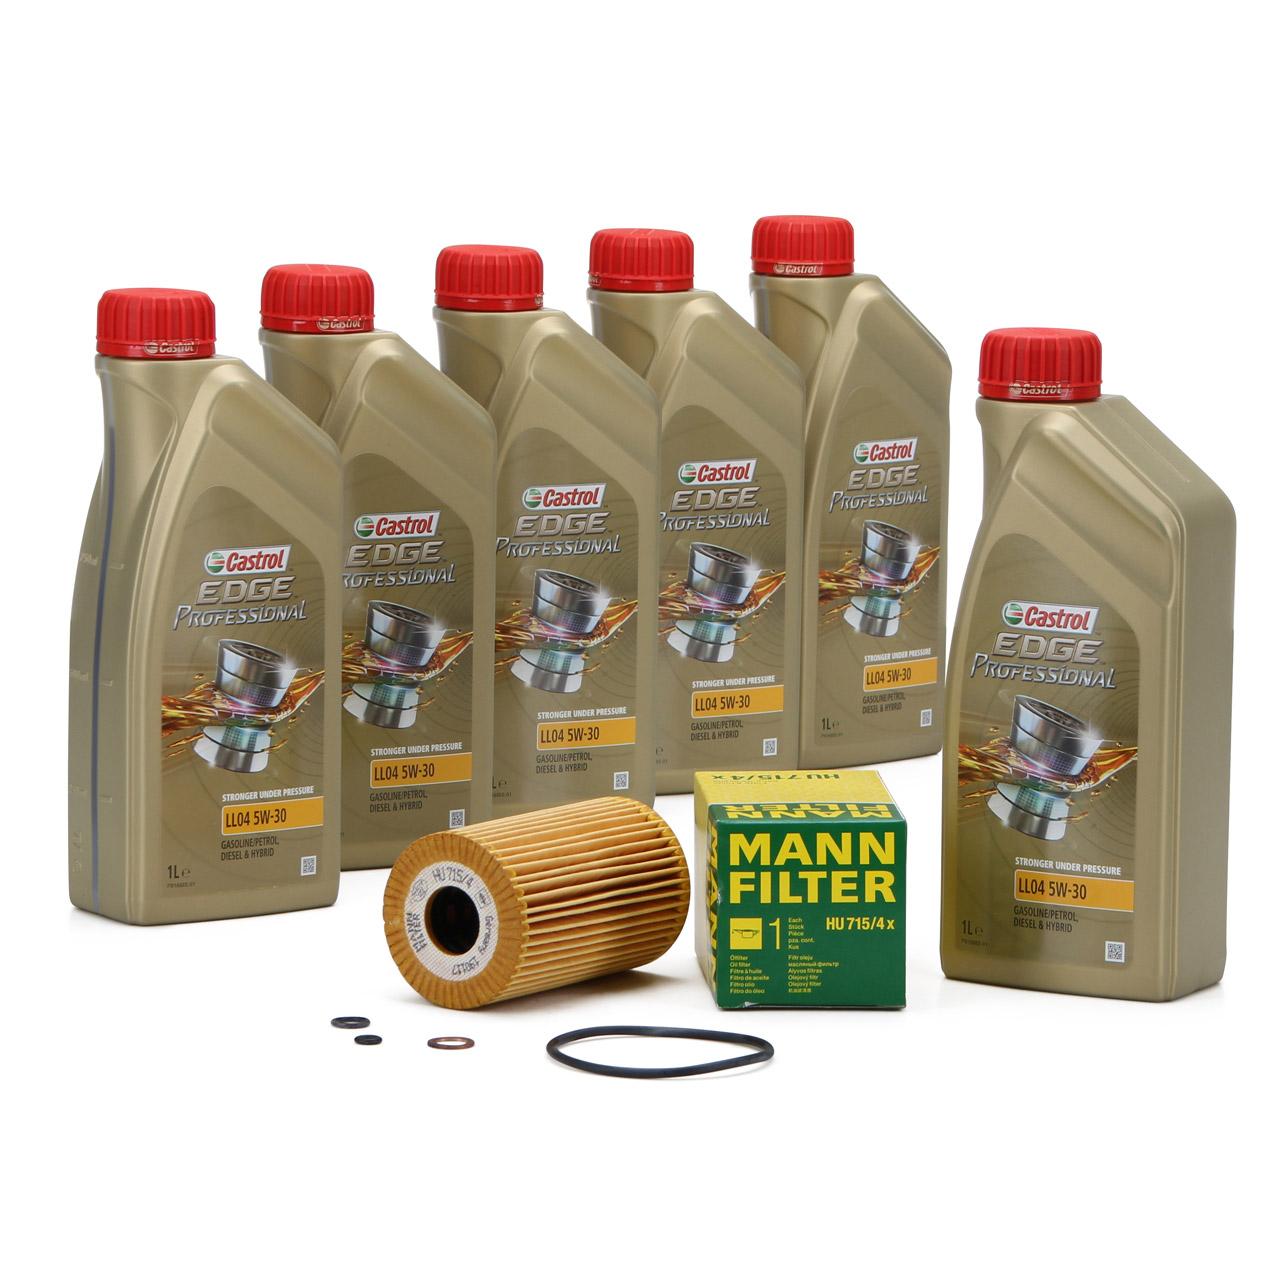 CASTROL EDGE Professional Motoröl Öl LL04 5W-30 6L + MANN Ölfilter HU715/4x